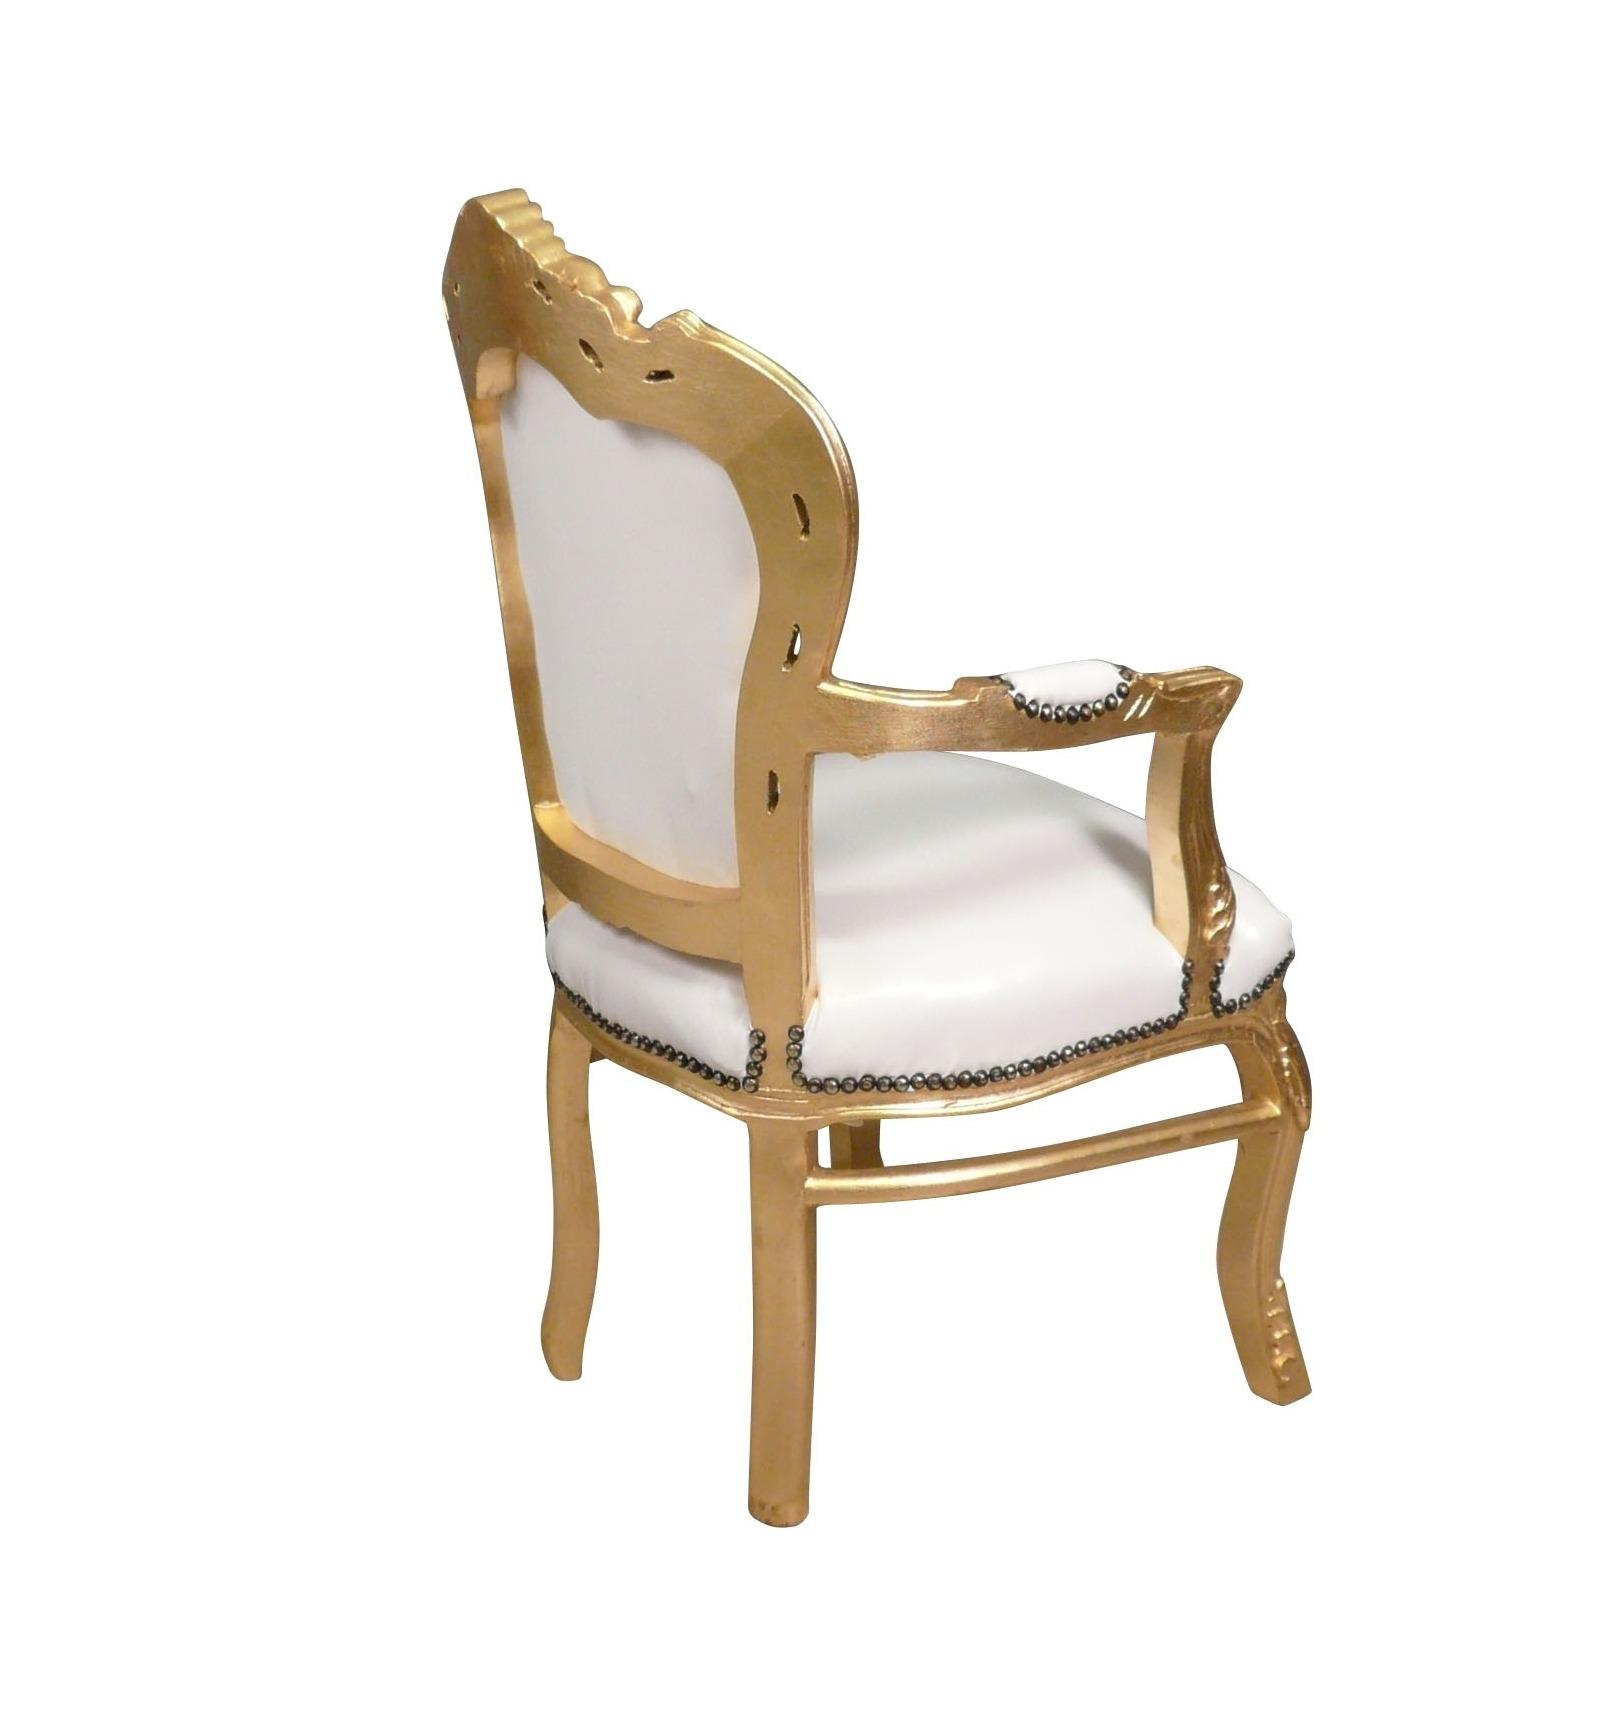 fauteuil baroque blanc et dor chaise et meubles art d co. Black Bedroom Furniture Sets. Home Design Ideas